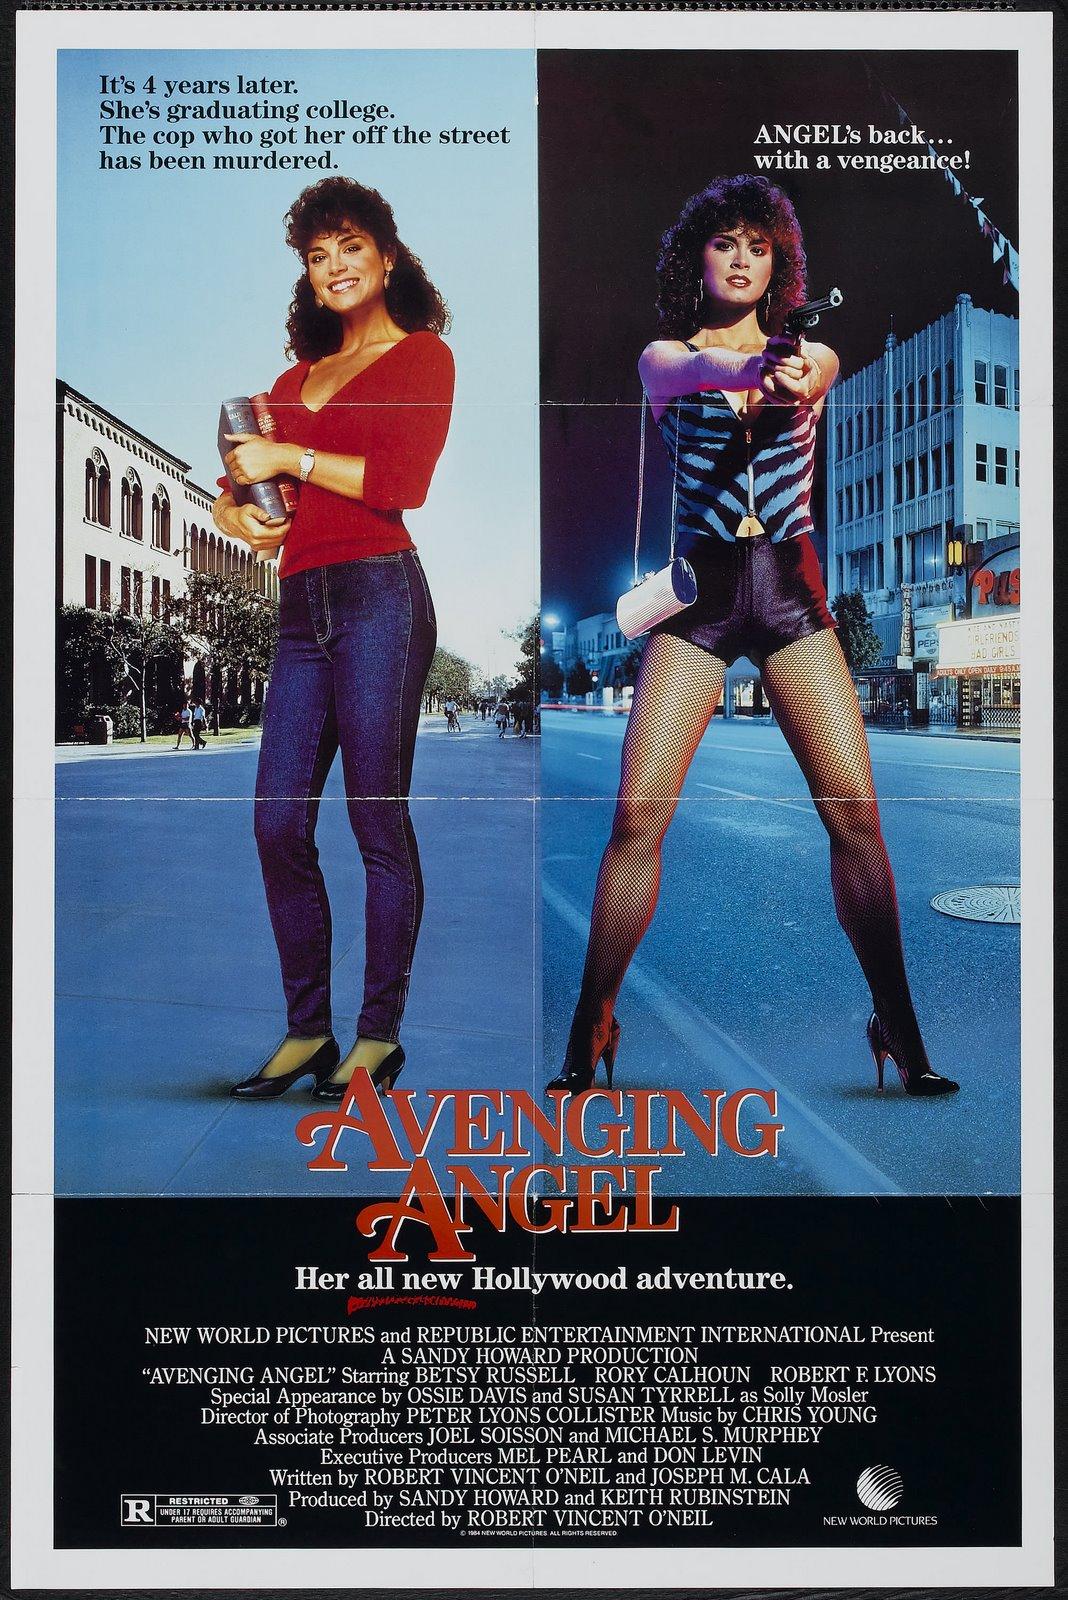 http://3.bp.blogspot.com/-H5LURDCtTsc/TnKNrhZkA5I/AAAAAAAAC5U/2Yxi4btktnI/s1600/avenging_angel_poster_01.jpg